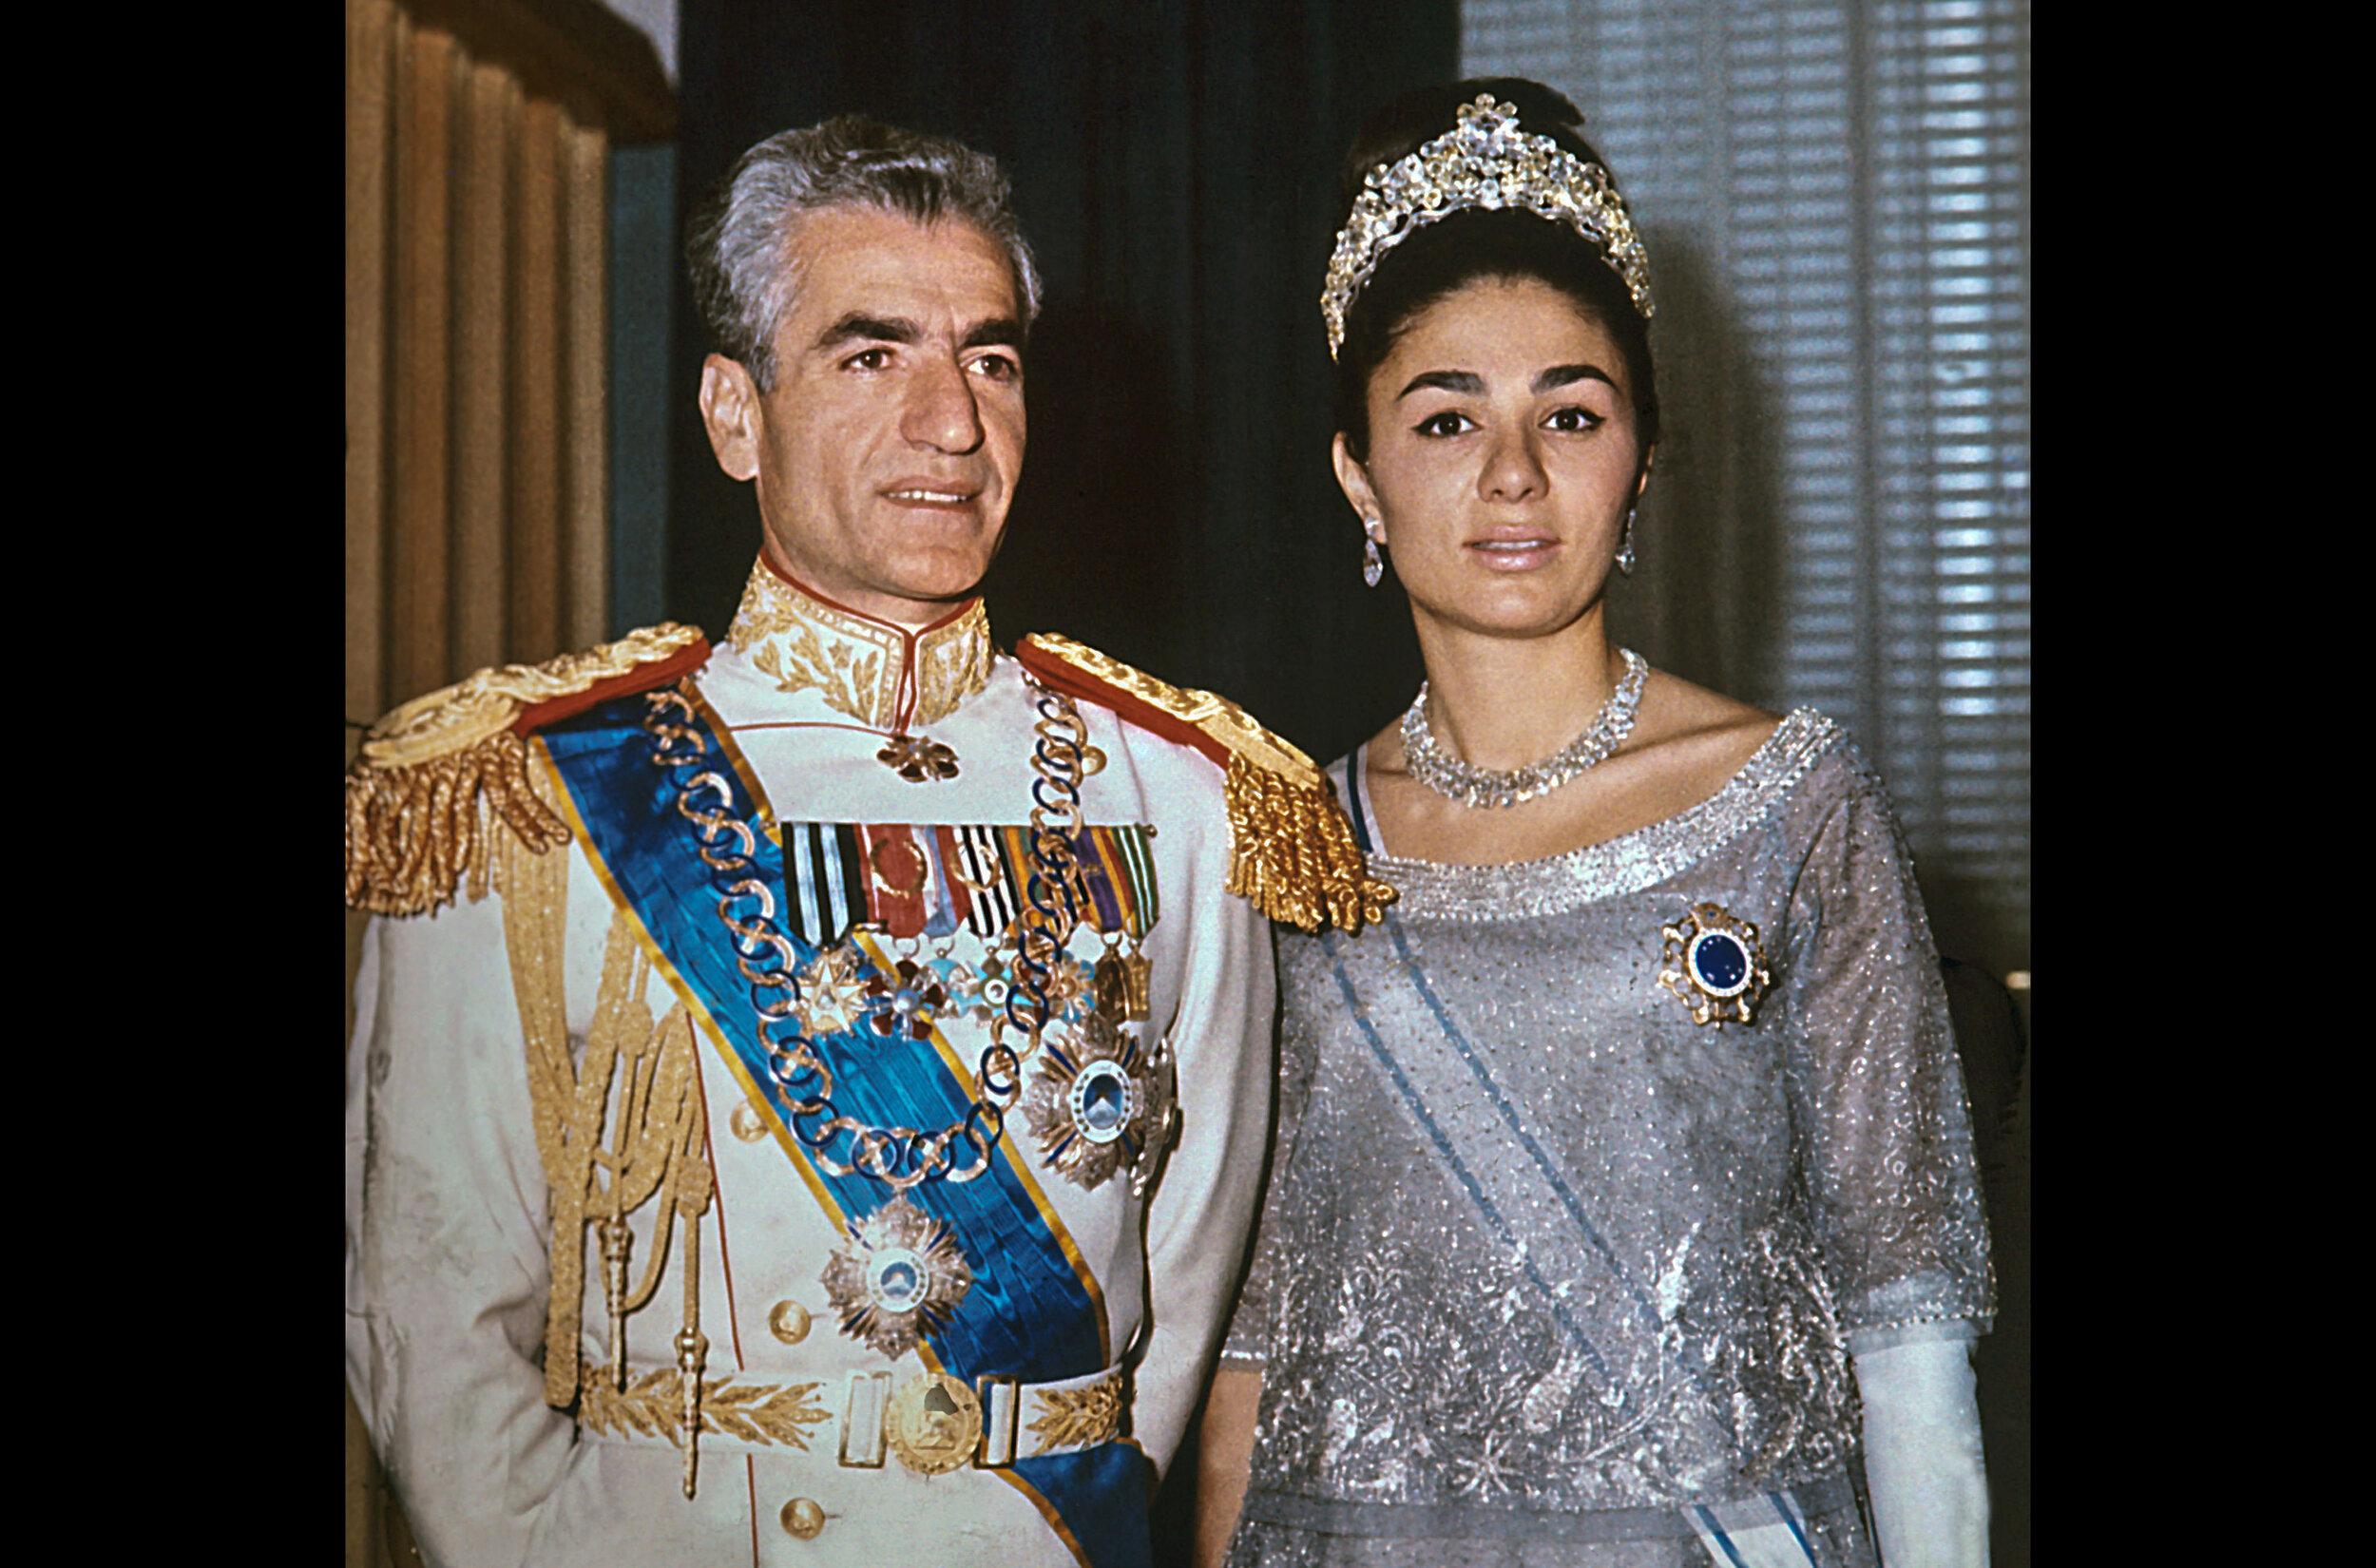 Vor 40 Jahren, im Jahr 1979, stürzt im Iran eine Revolution unter der Führung von Ayatollah Khomeini den Herrscher Schah Mohammad Reza Pahlavi und beendet damit eine über 2.500 Jahre alte Monarchie. Die Dokumentation erzählt die Lebenswege der beiden Kontrahenten. Sie standen sich über mehr als 30 Jahre als Gegenspieler gegenüber, vom Machtantritt in den 40er Jahren über die Weiße Revolution ab 1963 bis zum dramatischen Jahr 1978, in dem sich die Machtverhältnisse umkehrten und der Ayatollah innenpolitisch zur entscheidenden Größe wurde, und dem Sturz des Schahs Anfang 1979.  ©dpa